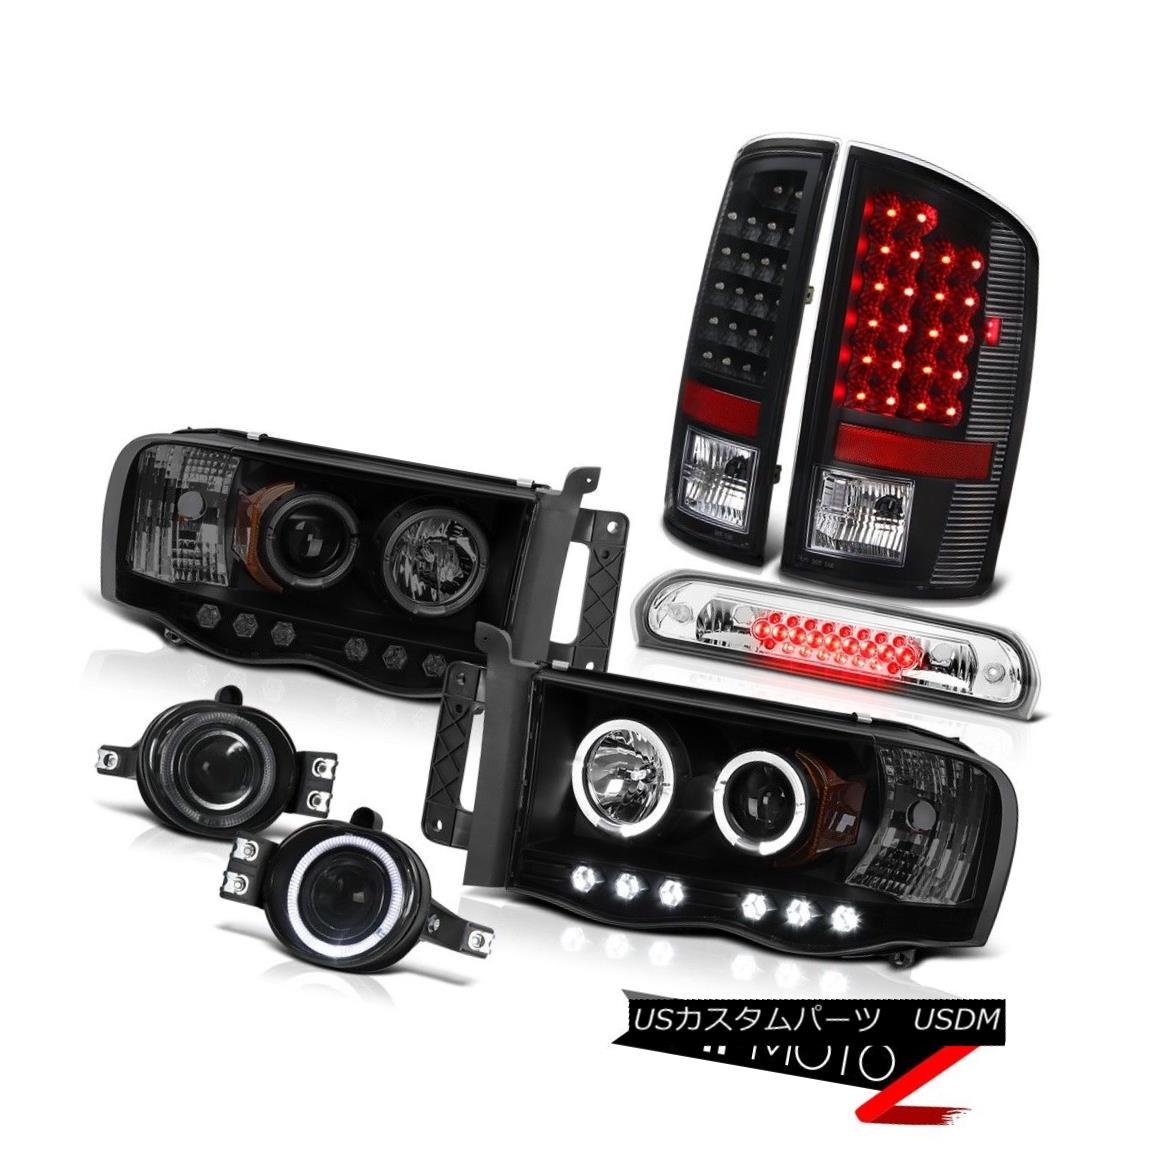 テールライト 02-05 Dodge Ram Darkest Headlight Bright Tail Light Foglights High Stop Chrome 02-05ダッジラムダークヘッドライトブライトテールライトフォグライトハイストップクローム